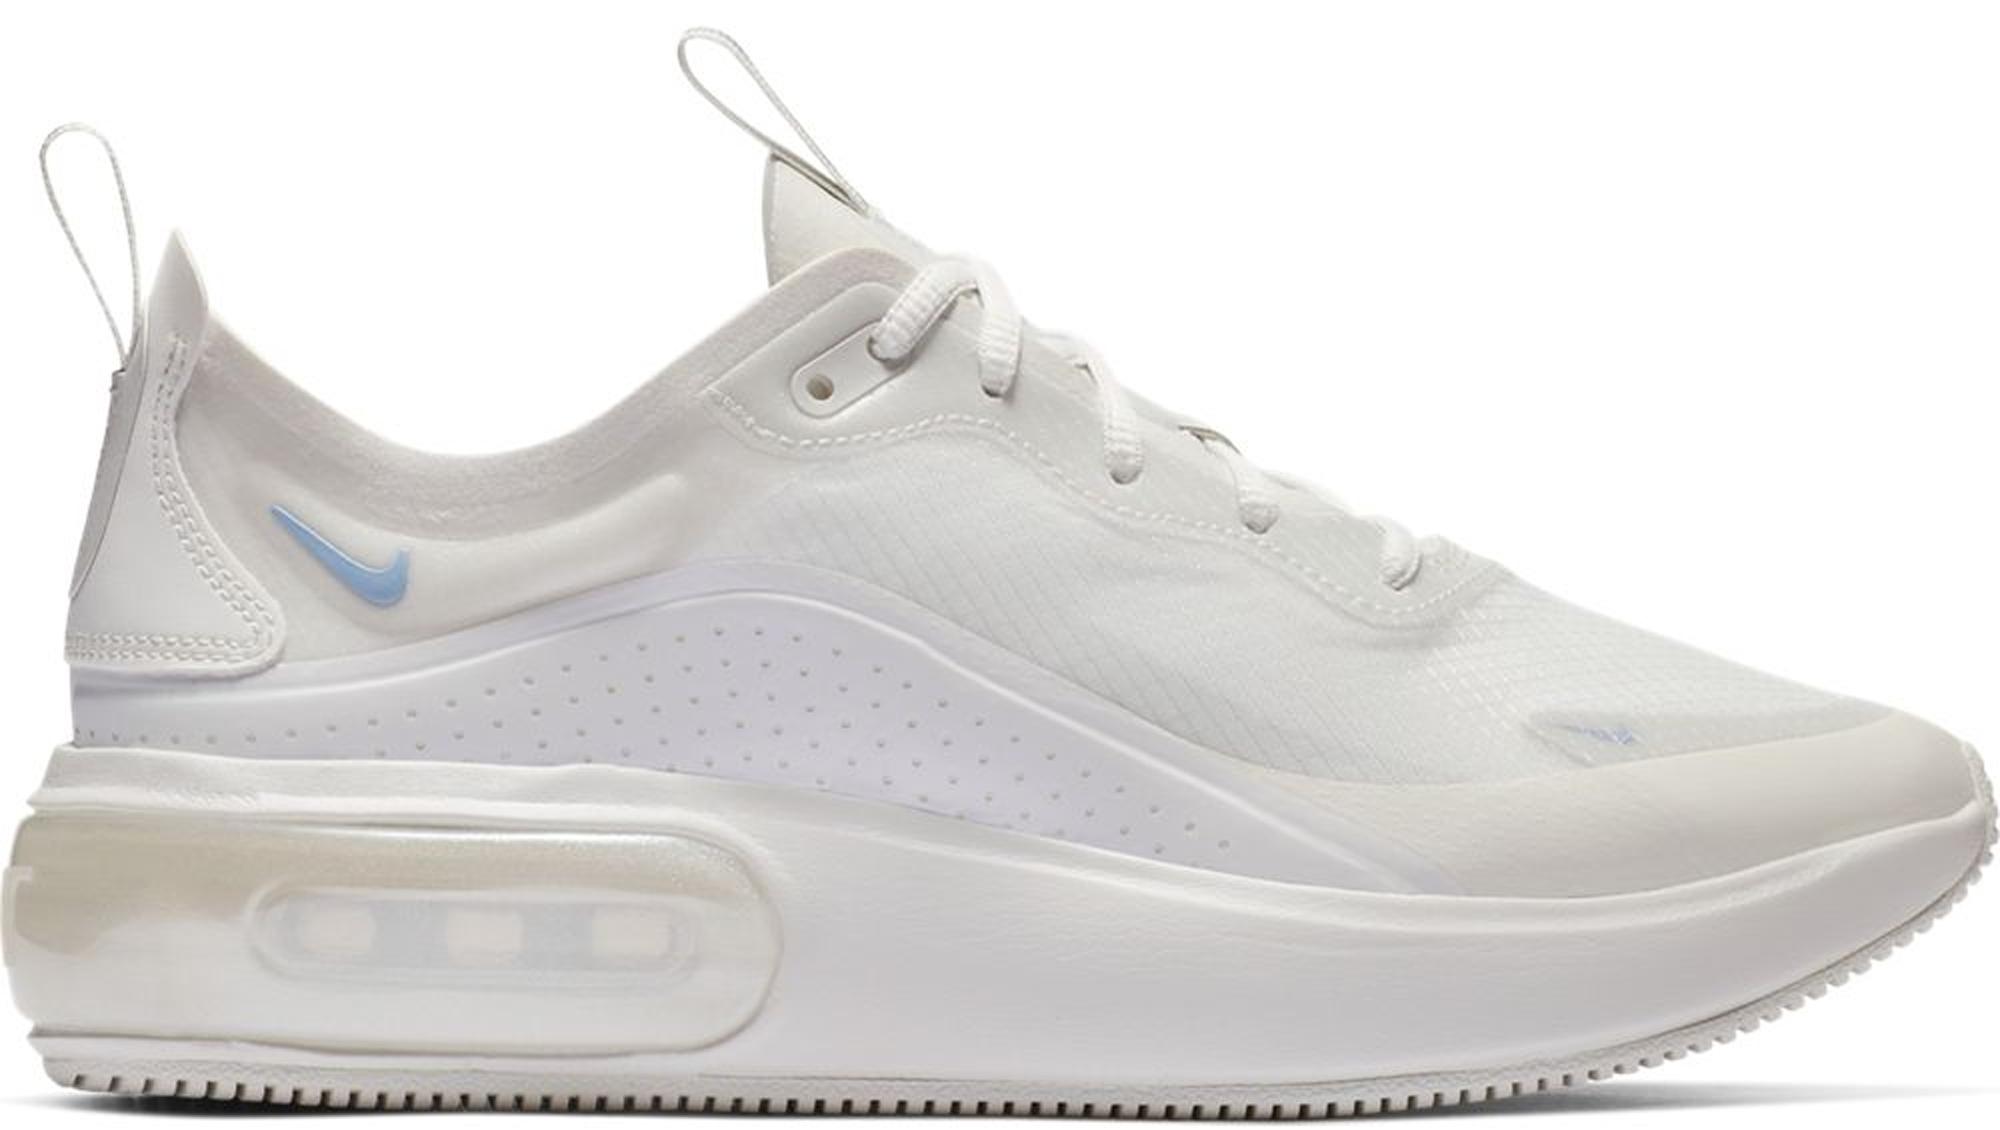 Nike Air Max Dia Summit White Metallic